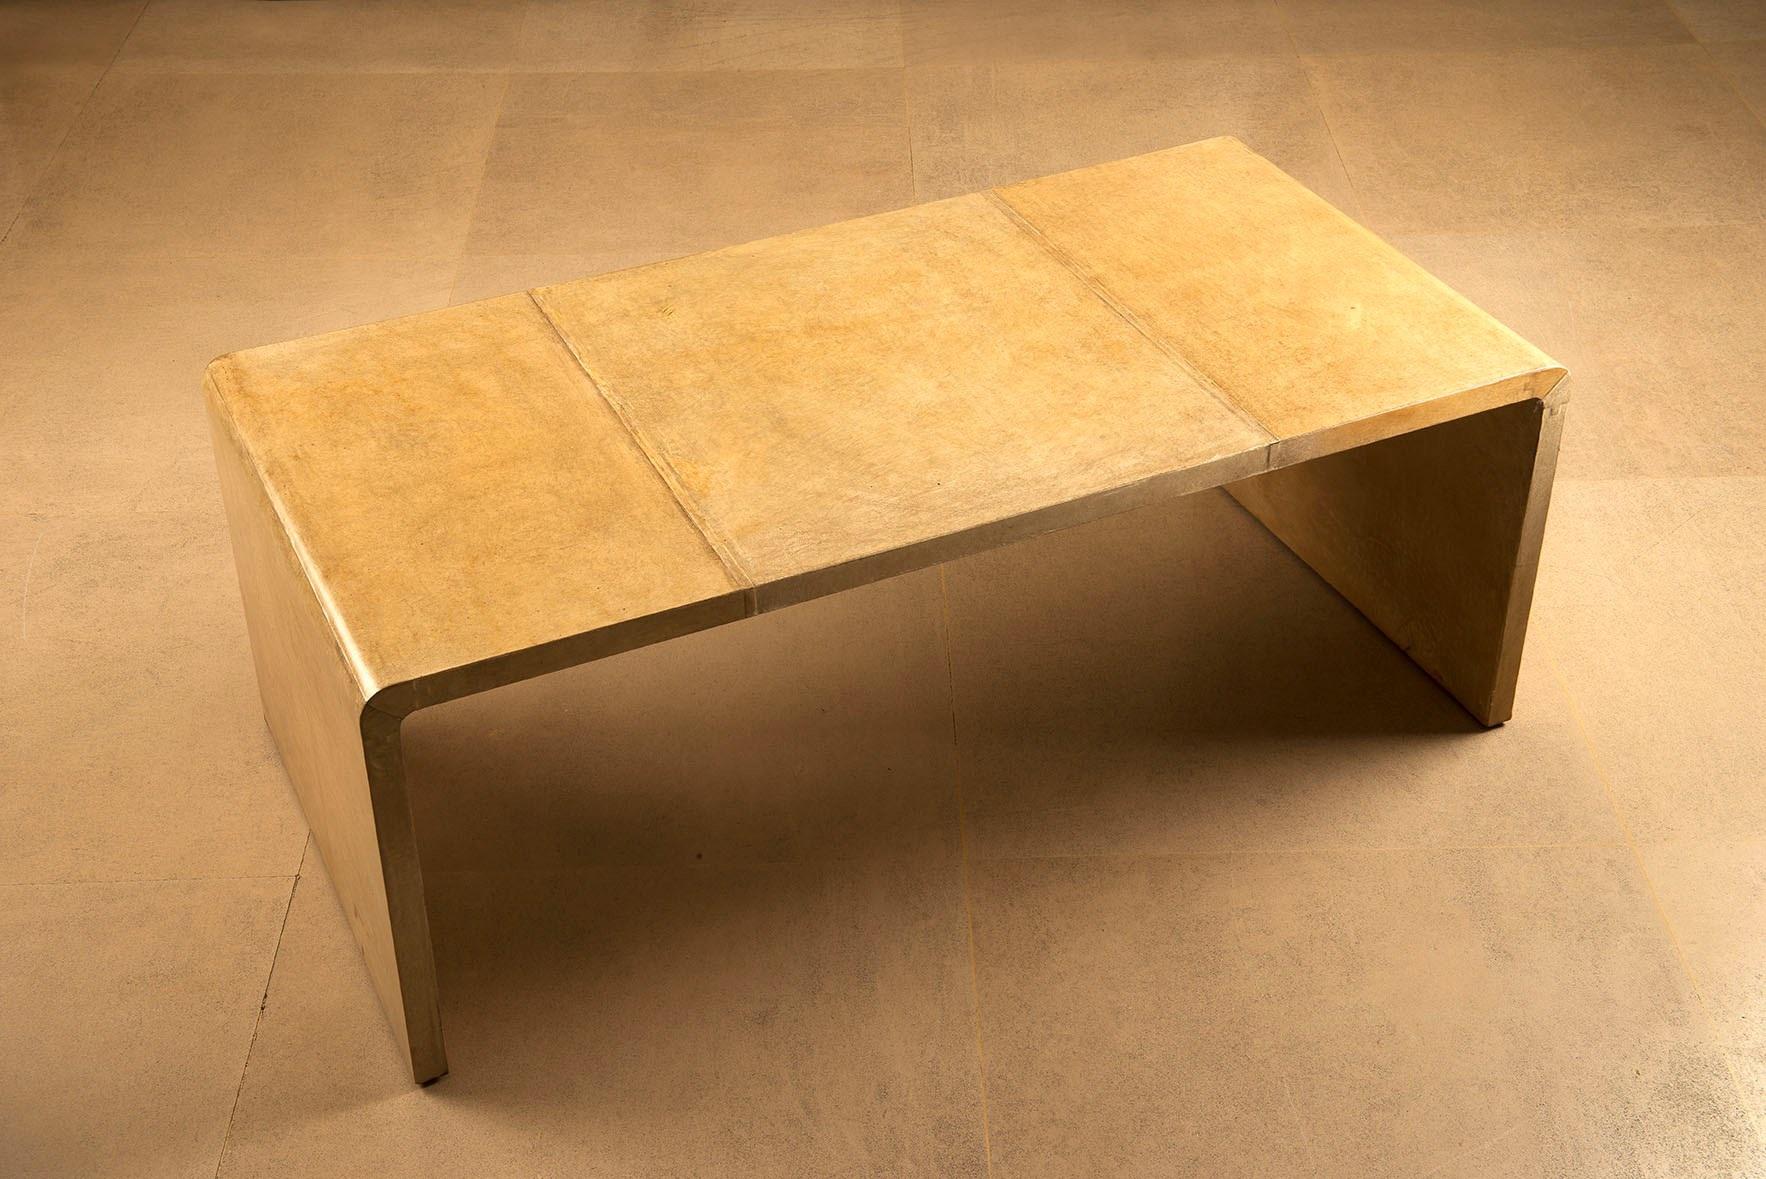 Table Basse En U Inversé Gainée De Parchemin By Jean Michel Frank On